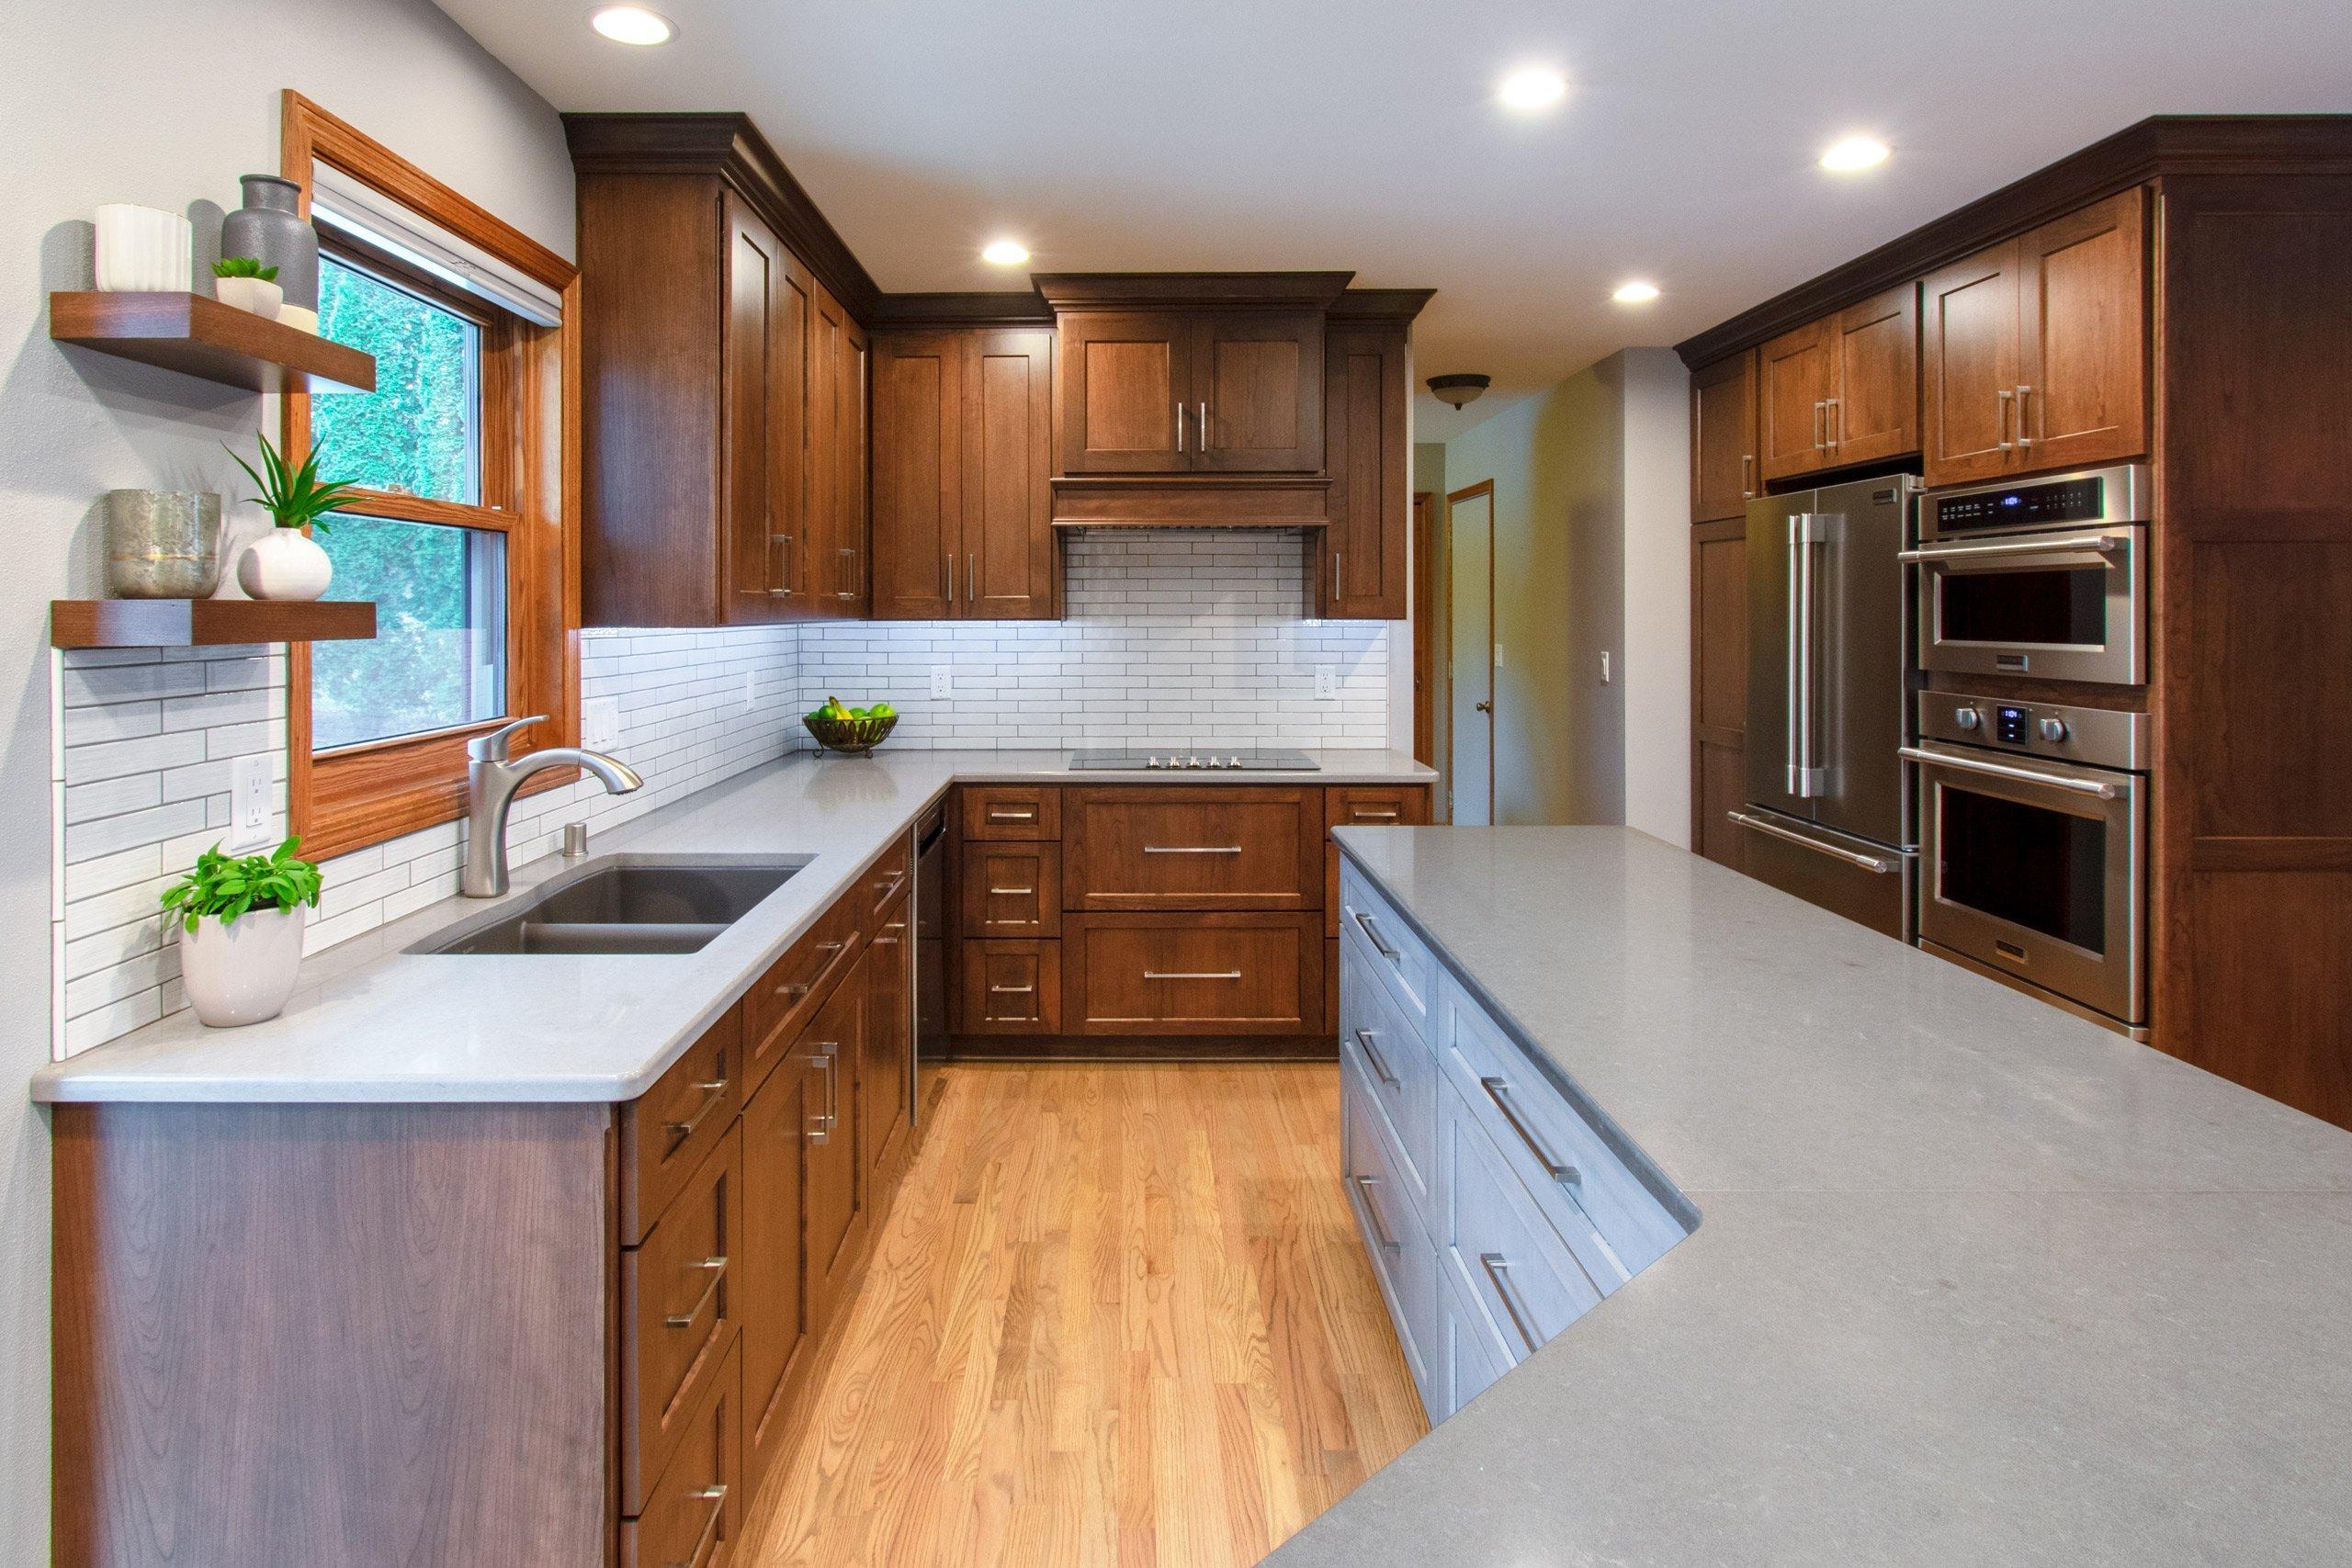 North Prairie kitchen remodel by Kowalske Kitchen & Bath